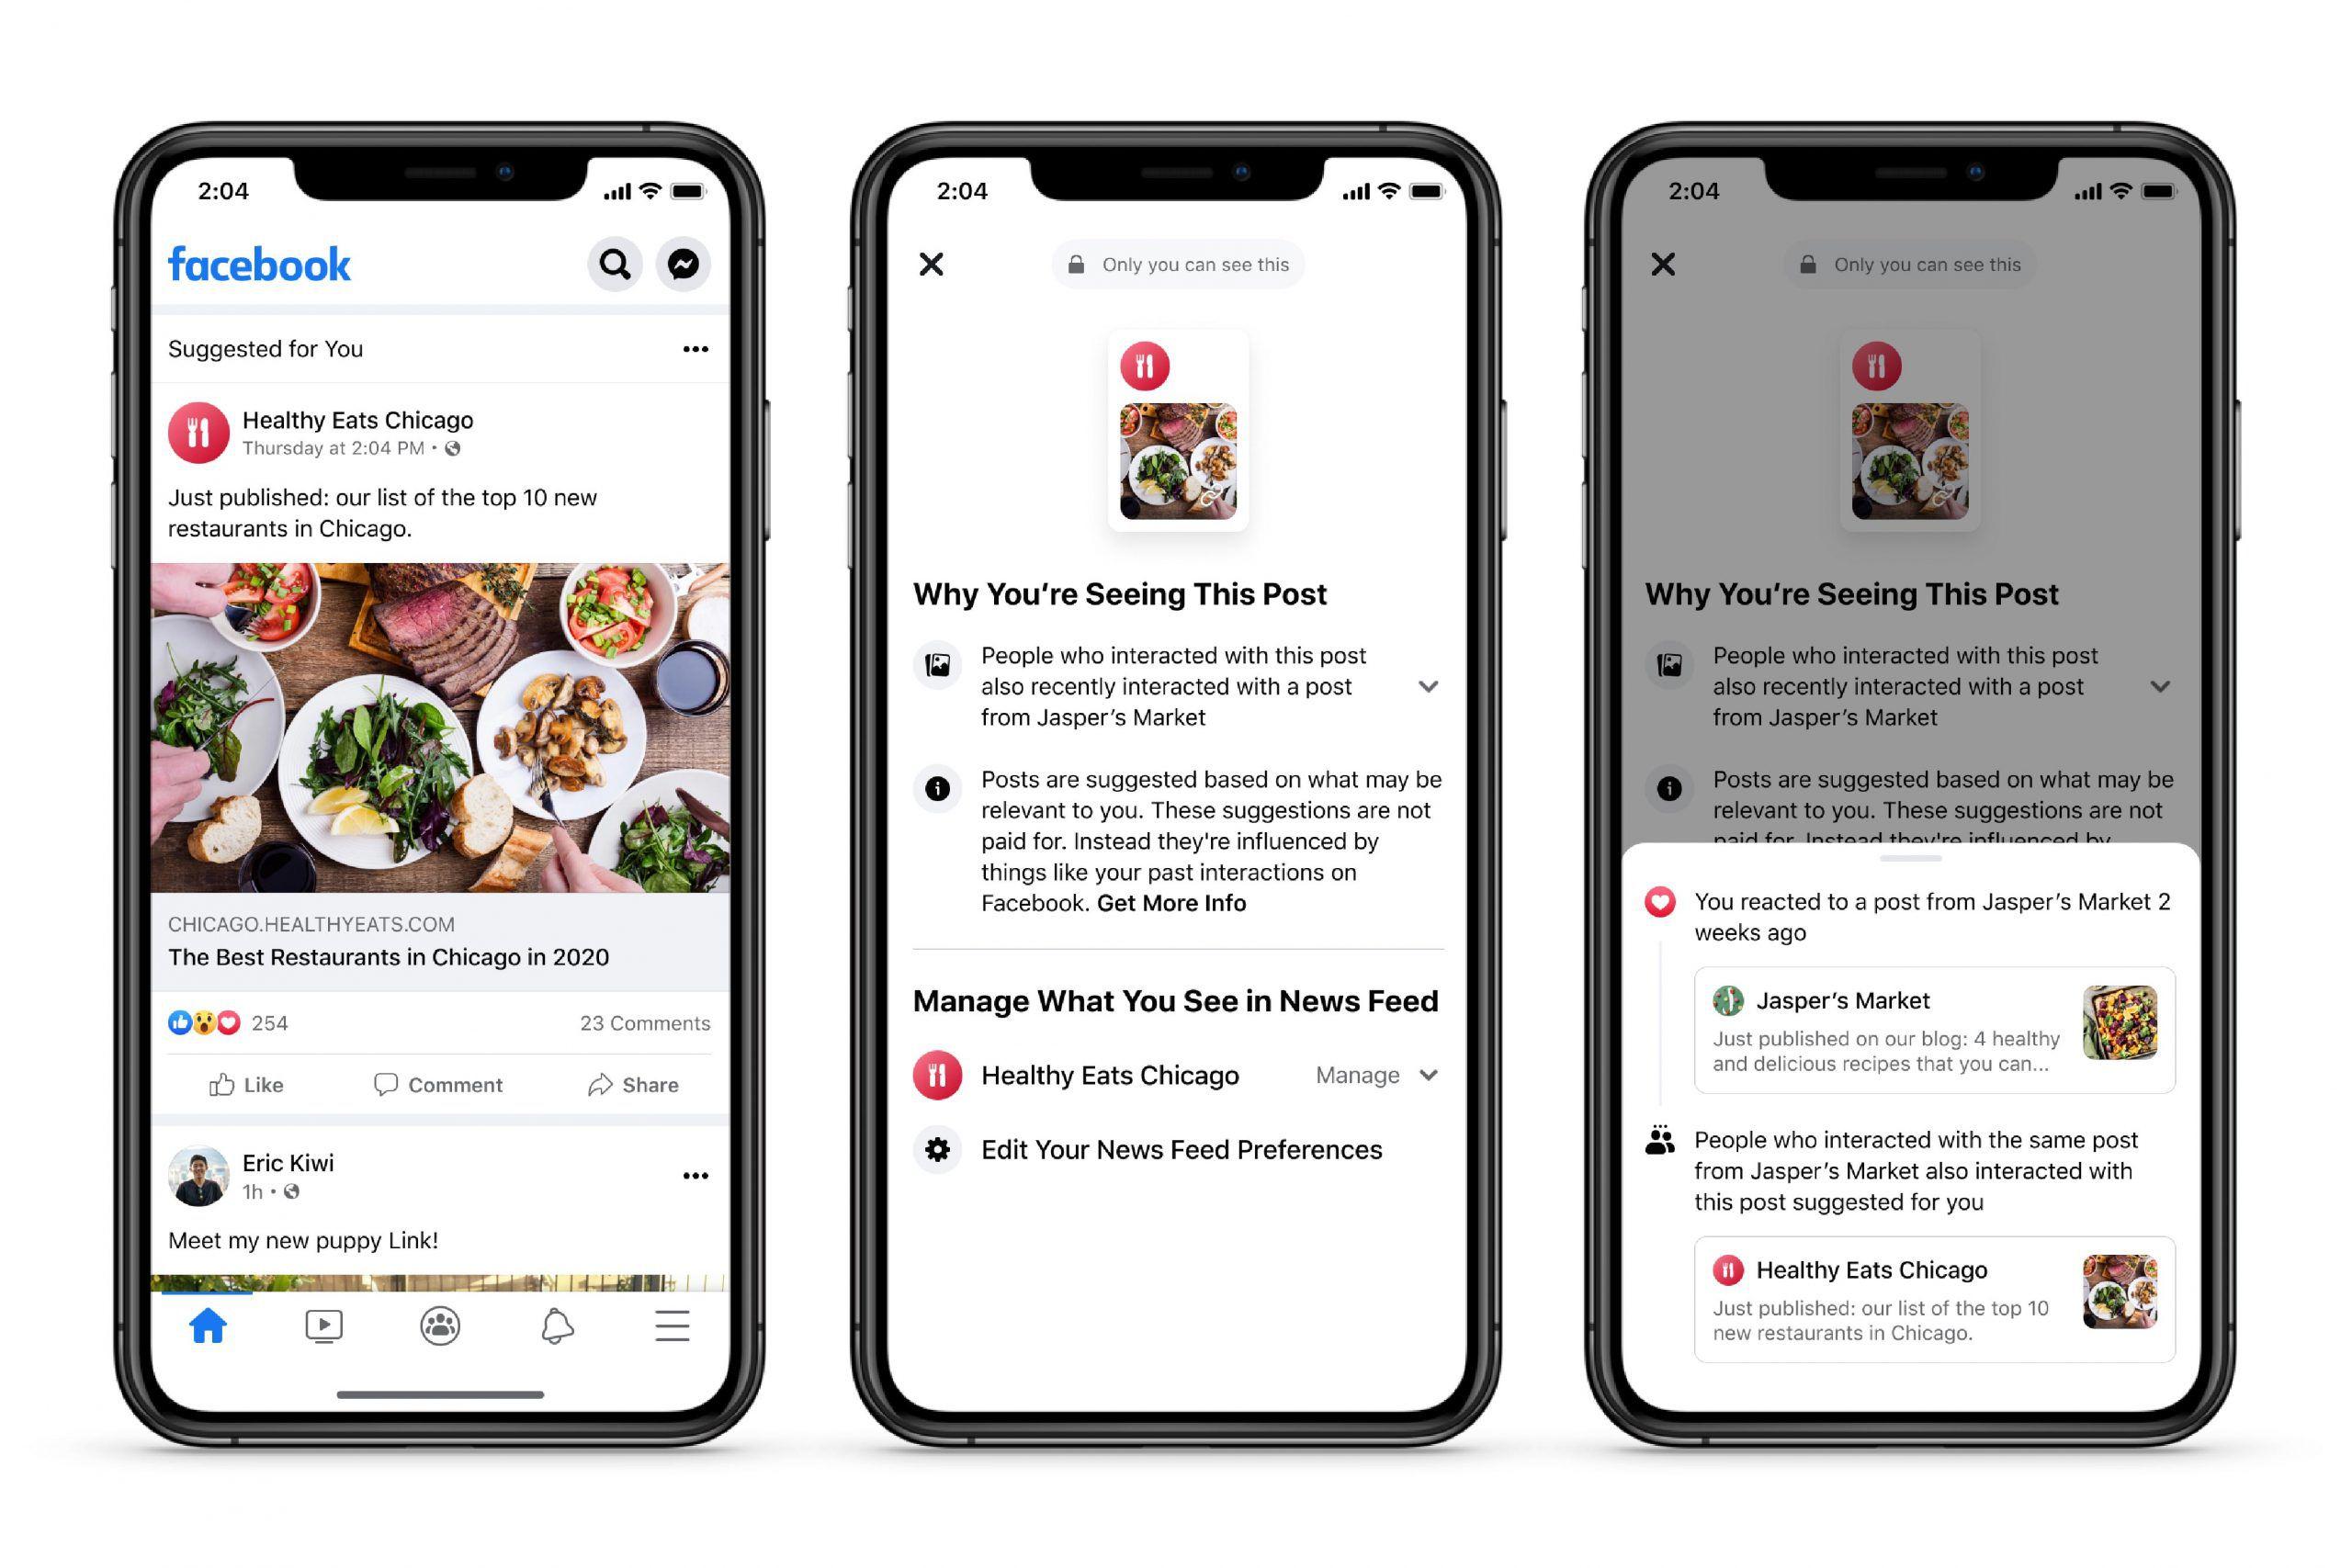 captures d'écran présentant des options sur les publications recommandées par Facebook